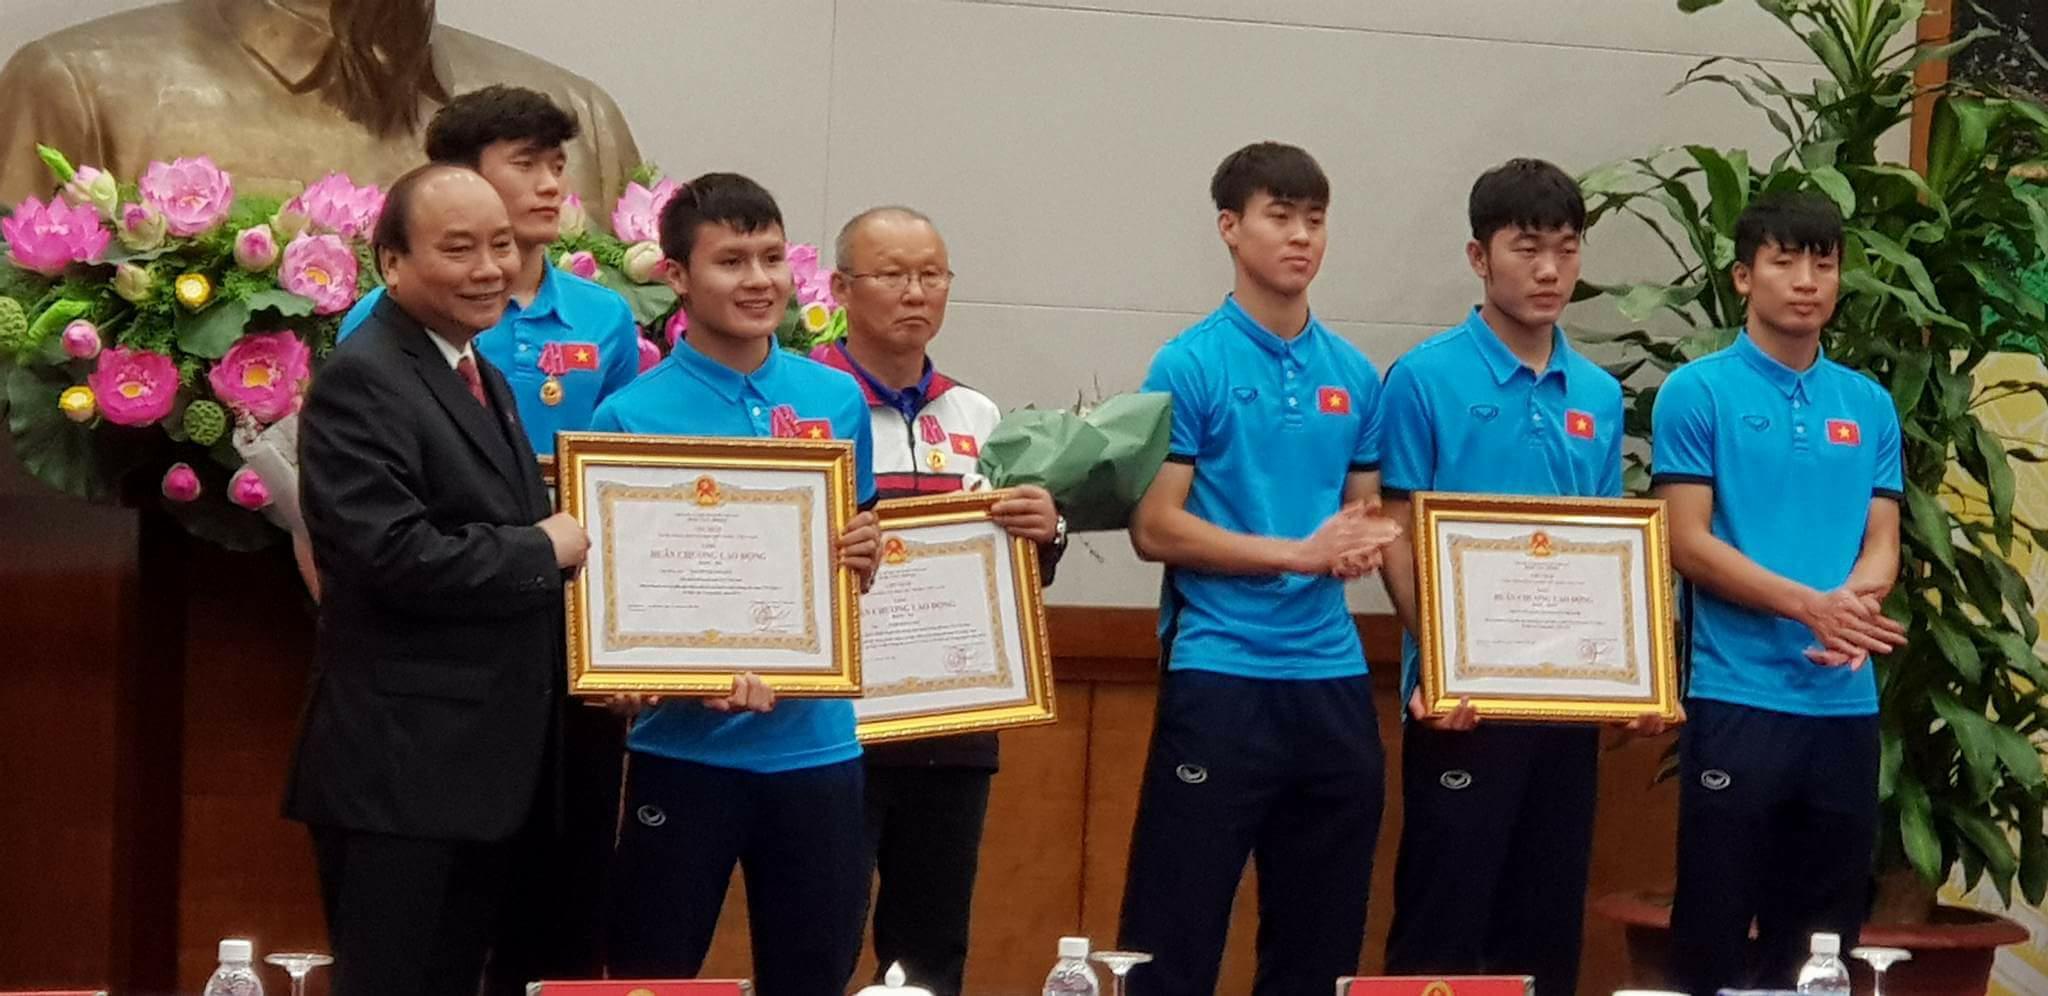 Thủ tướng Nguyễn Xuân Phúc trao huân chương cho các cầu thủ và HLV đội U-23 VN. Ảnh: Q.P